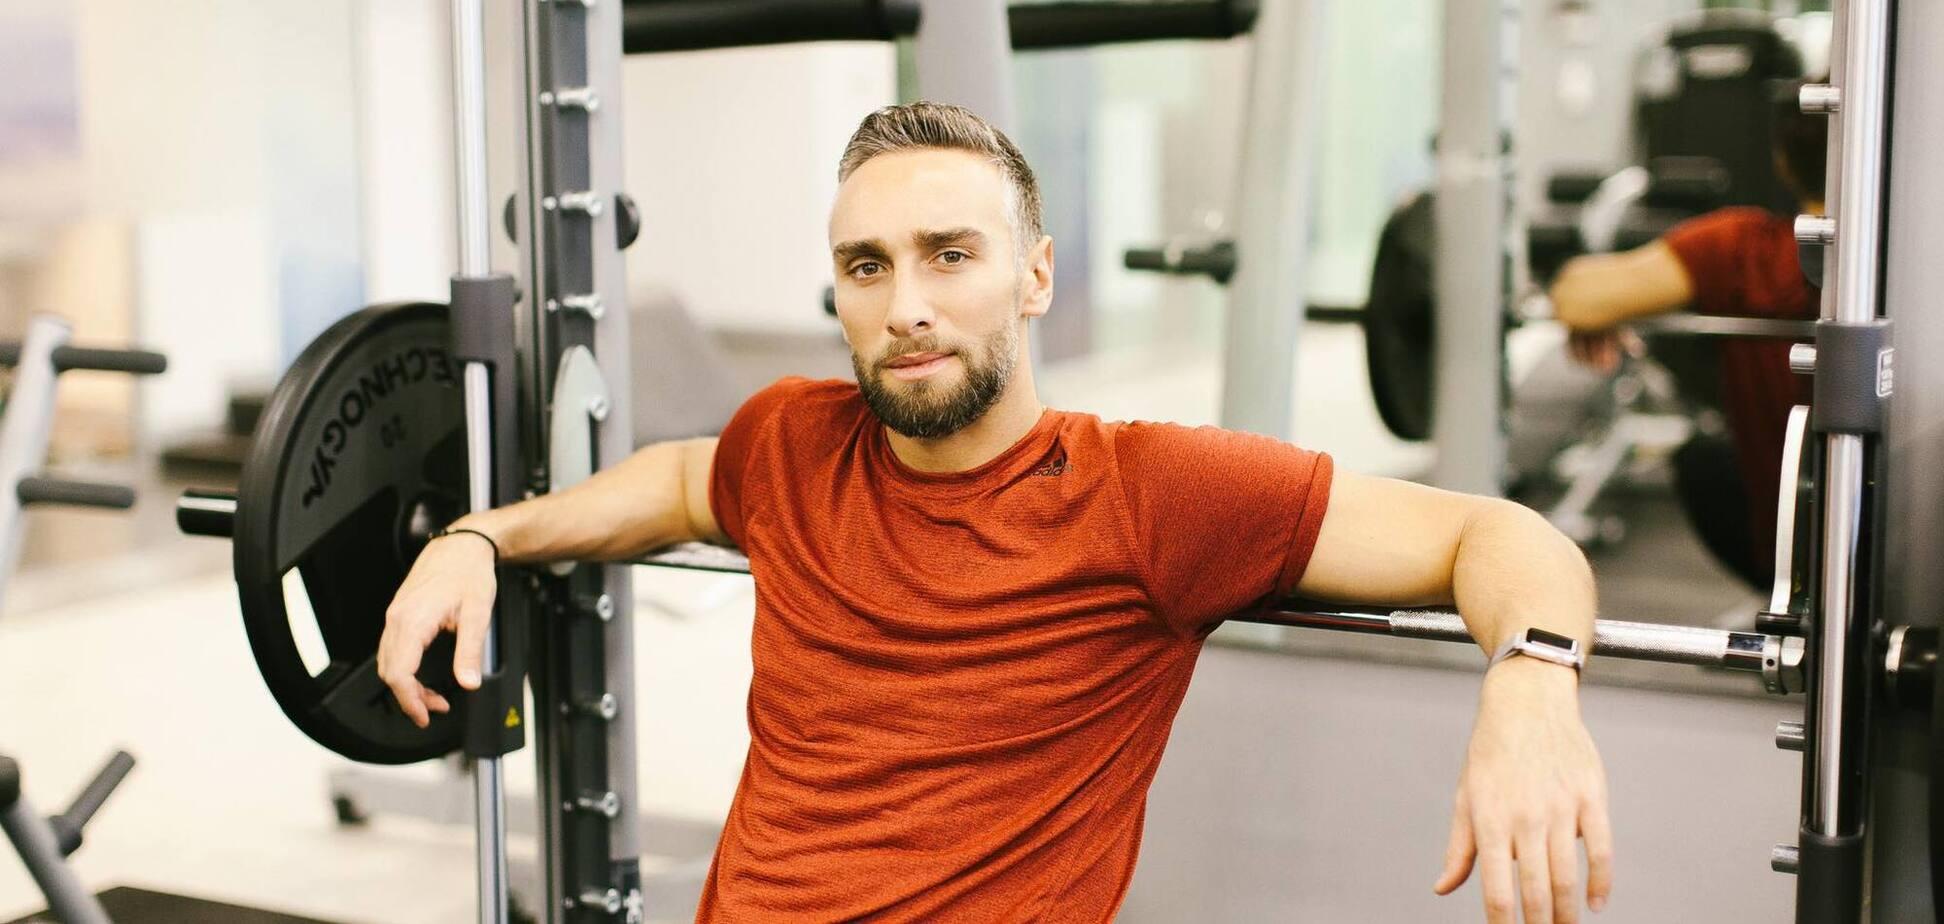 Іраклі Макацарія поділився порадами щодо схуднення